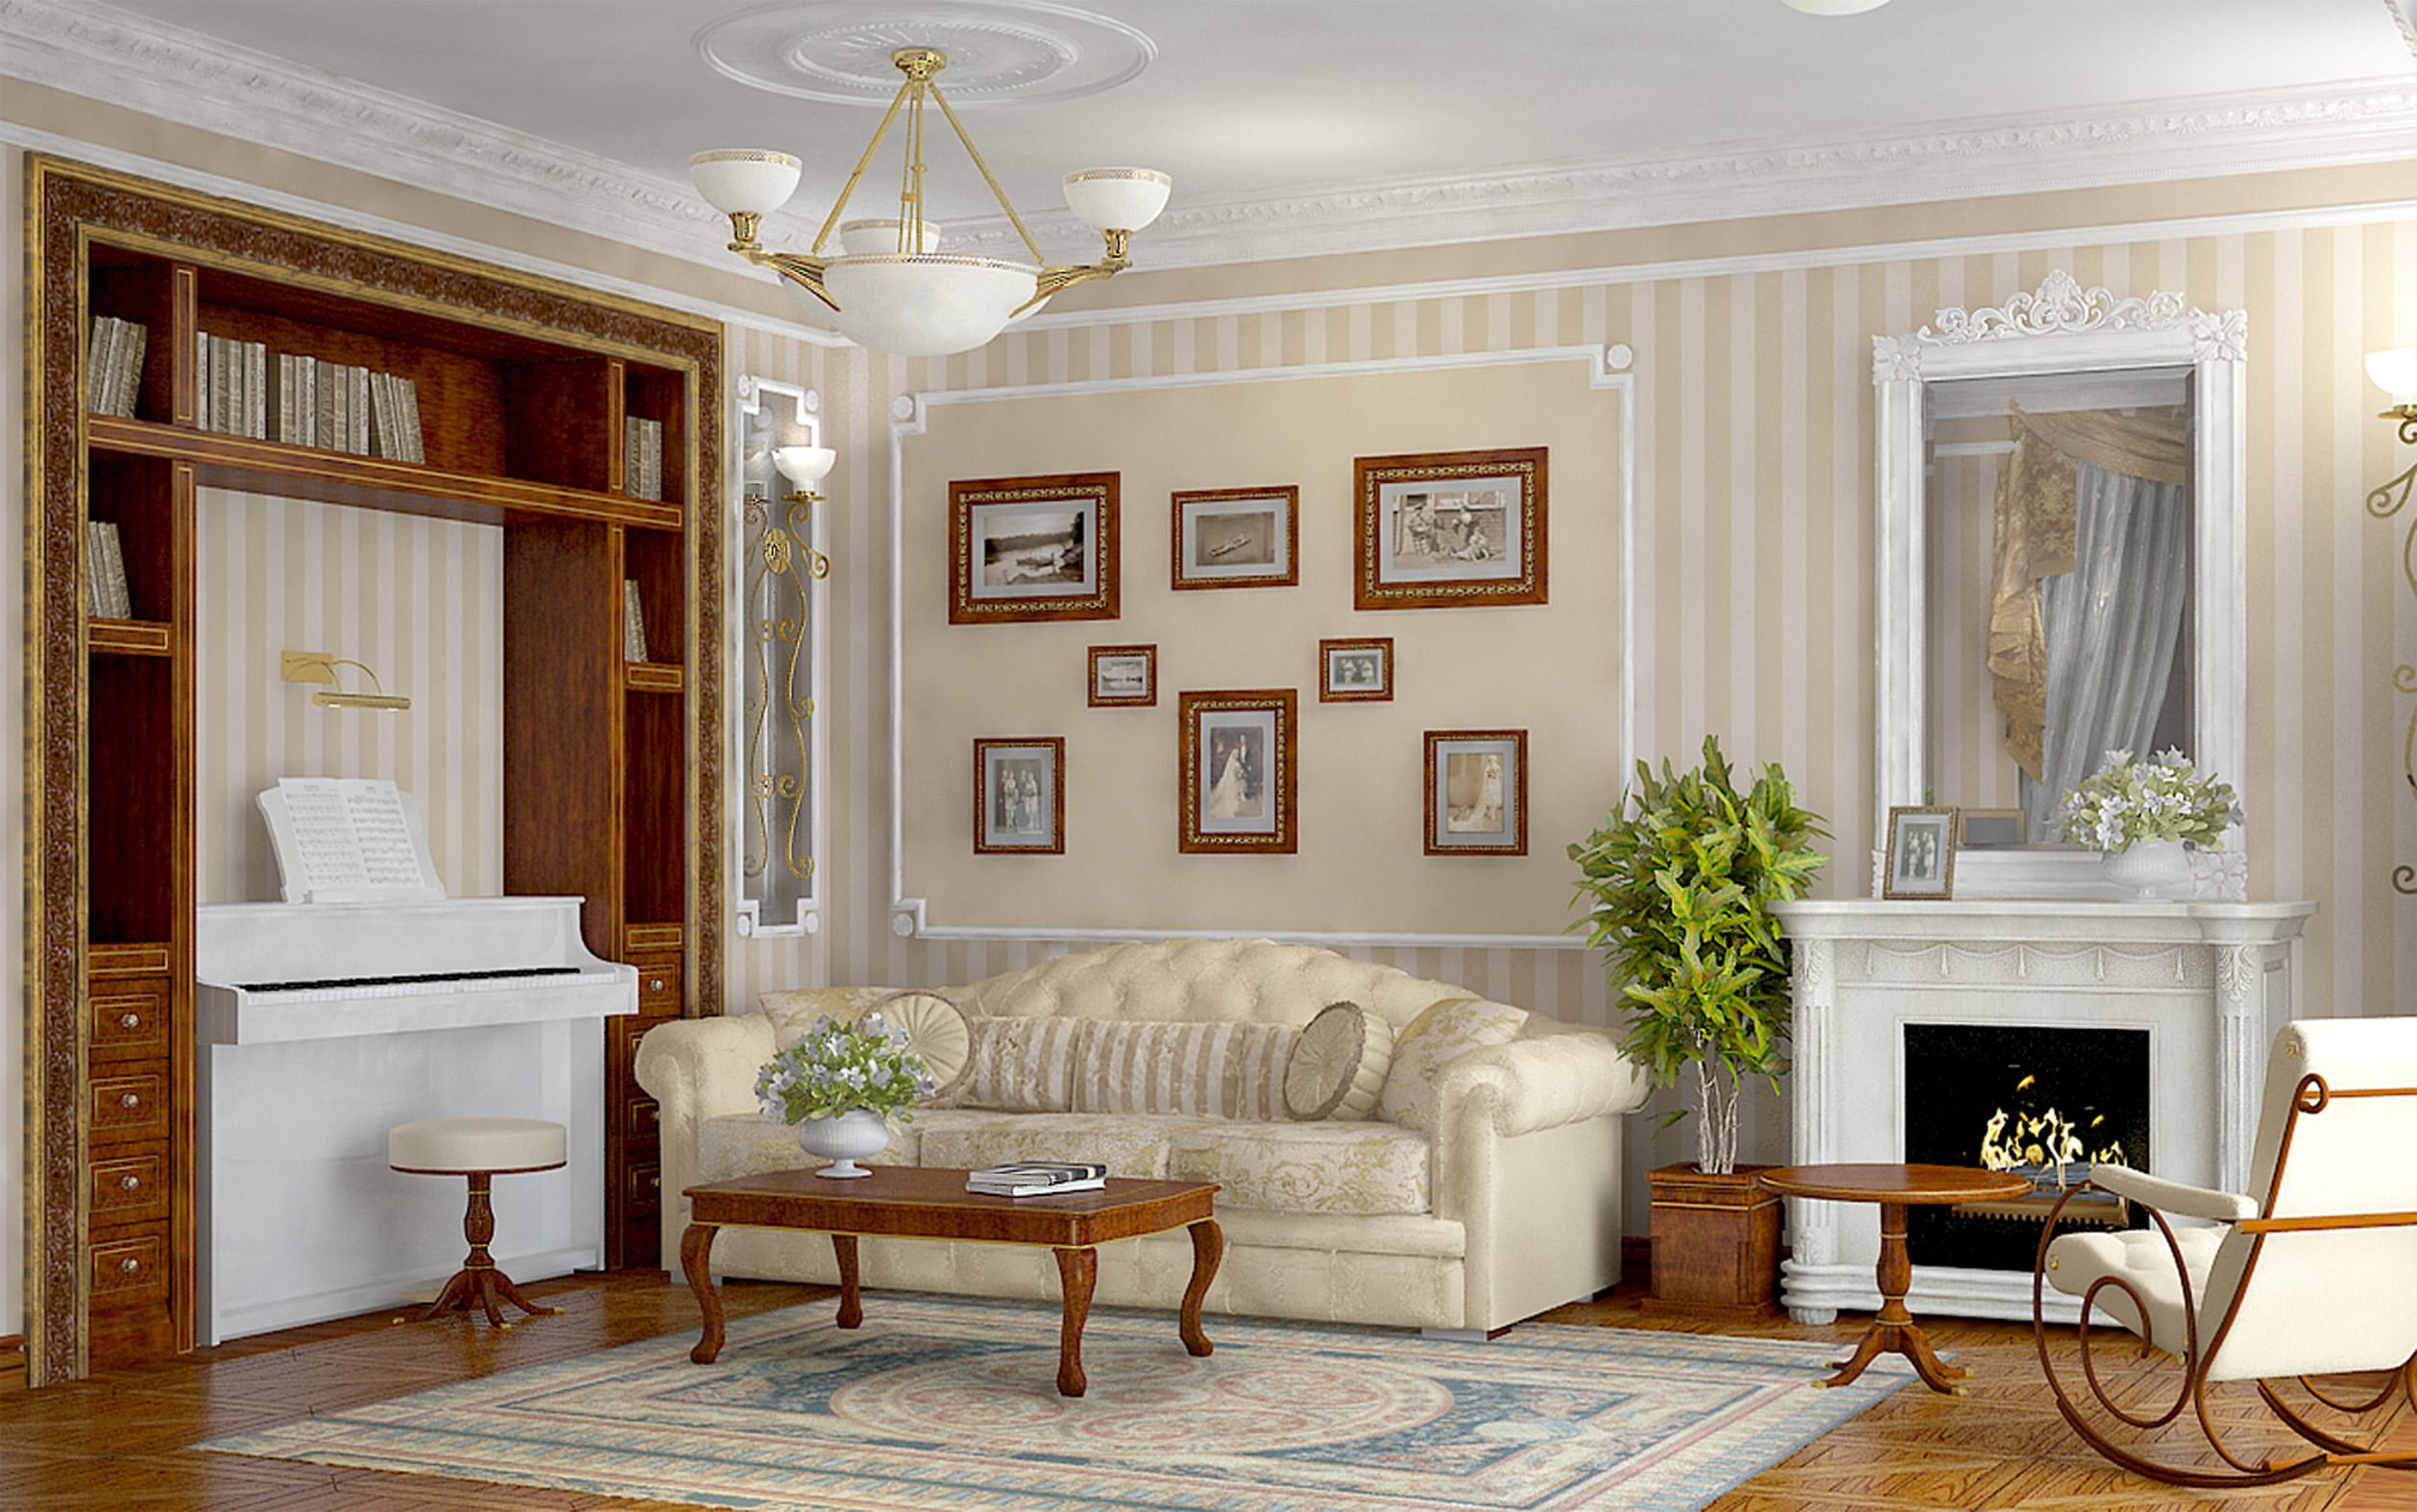 Присутствие деревянной мебели в интерьере квартиры